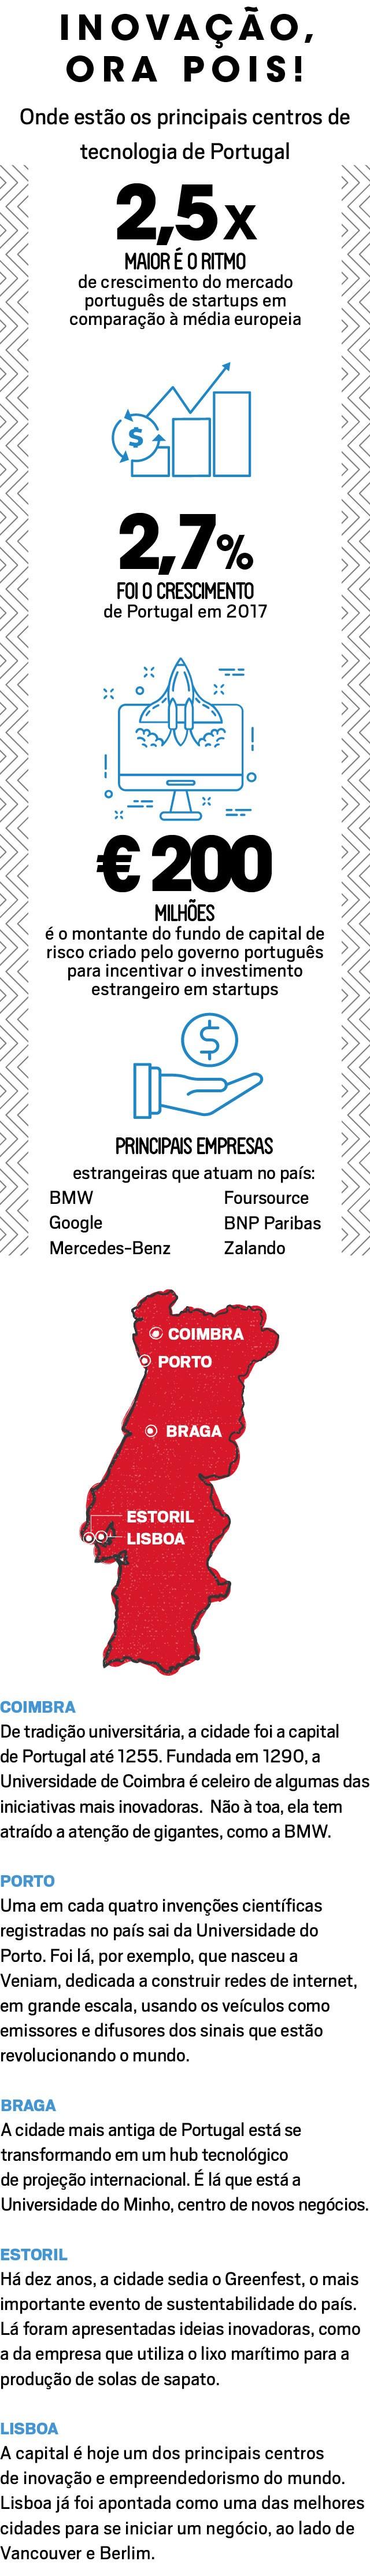 Web summit (Foto: divulgação)